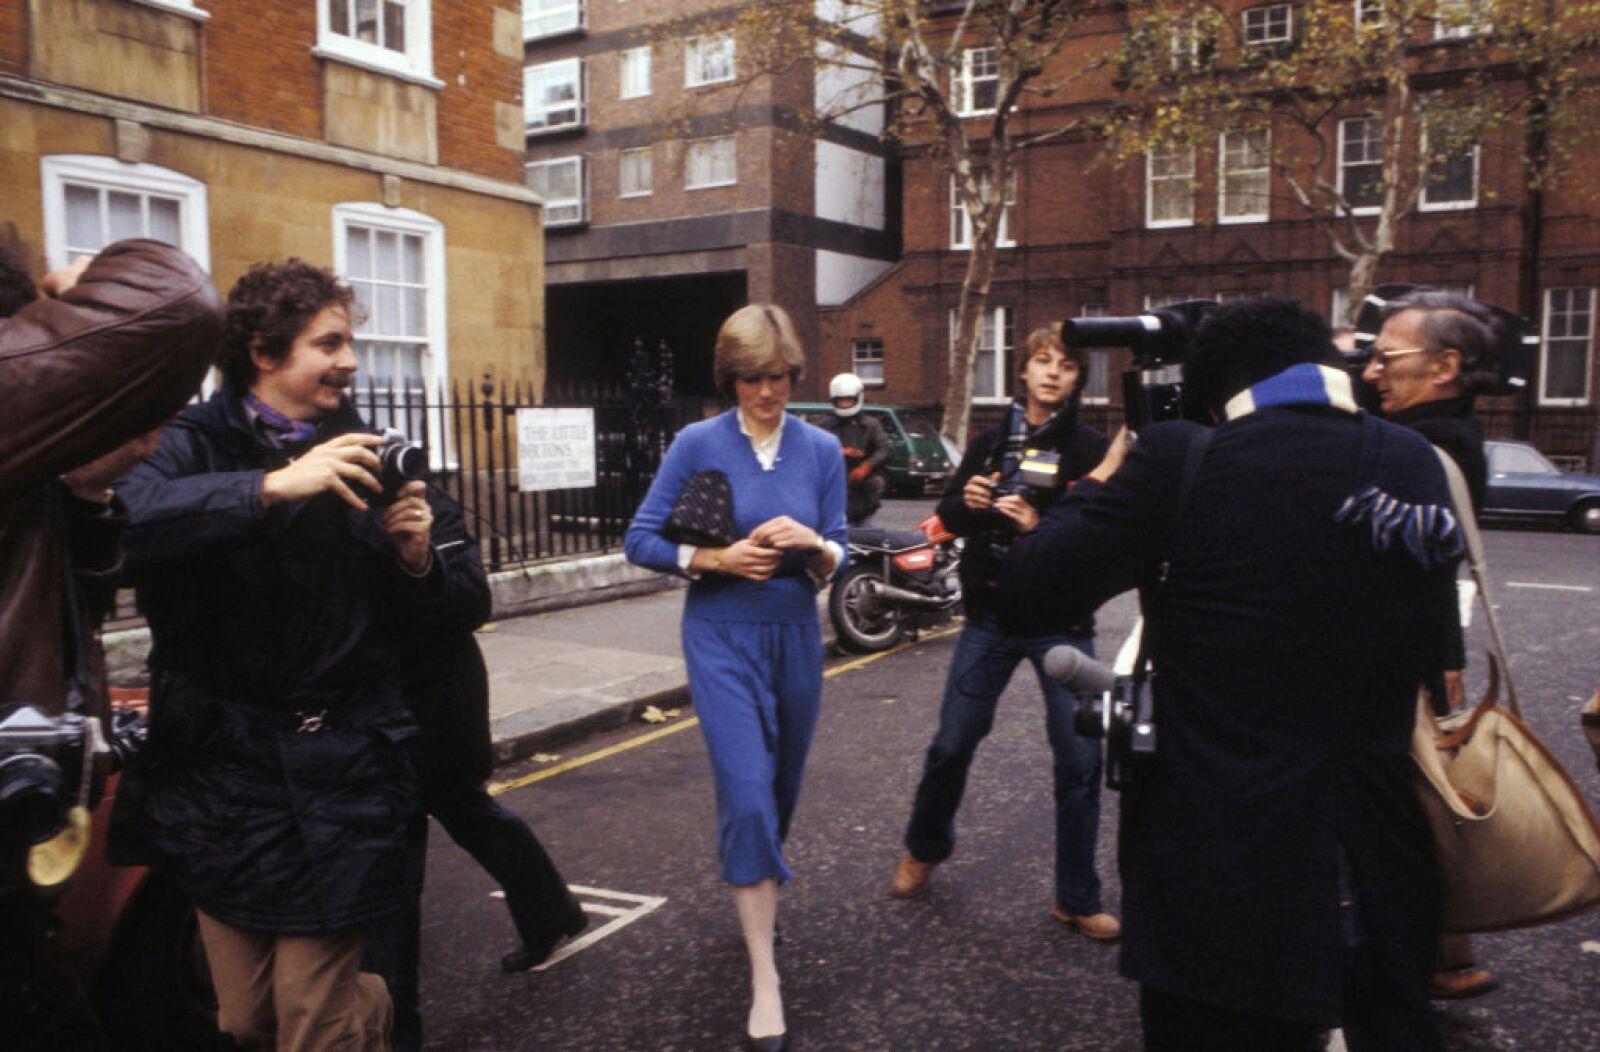 Diana et les photographes dans une rue de Londres